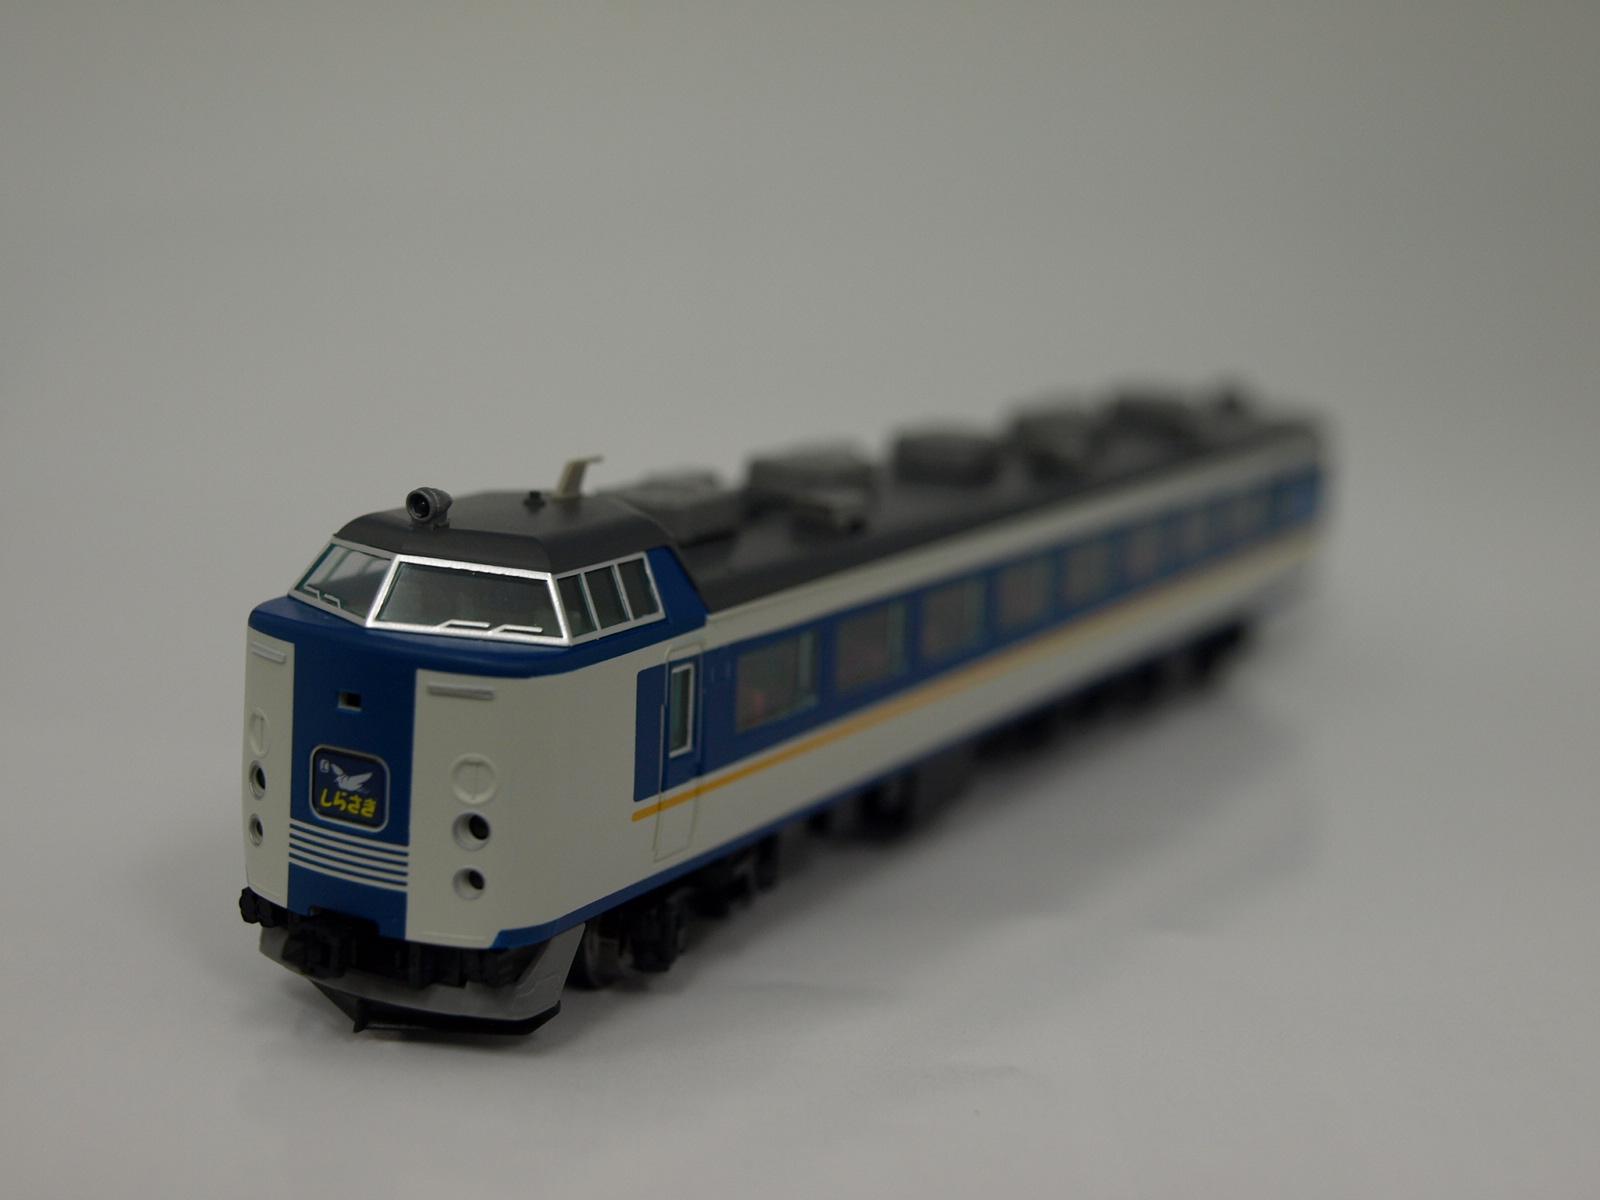 Nゲージ Nゲージ トミックス 98651 JR JR 485系特急電車(しらさぎ トミックス・新塗装)7両セットB, オタチョウ:34363eb8 --- officewill.xsrv.jp